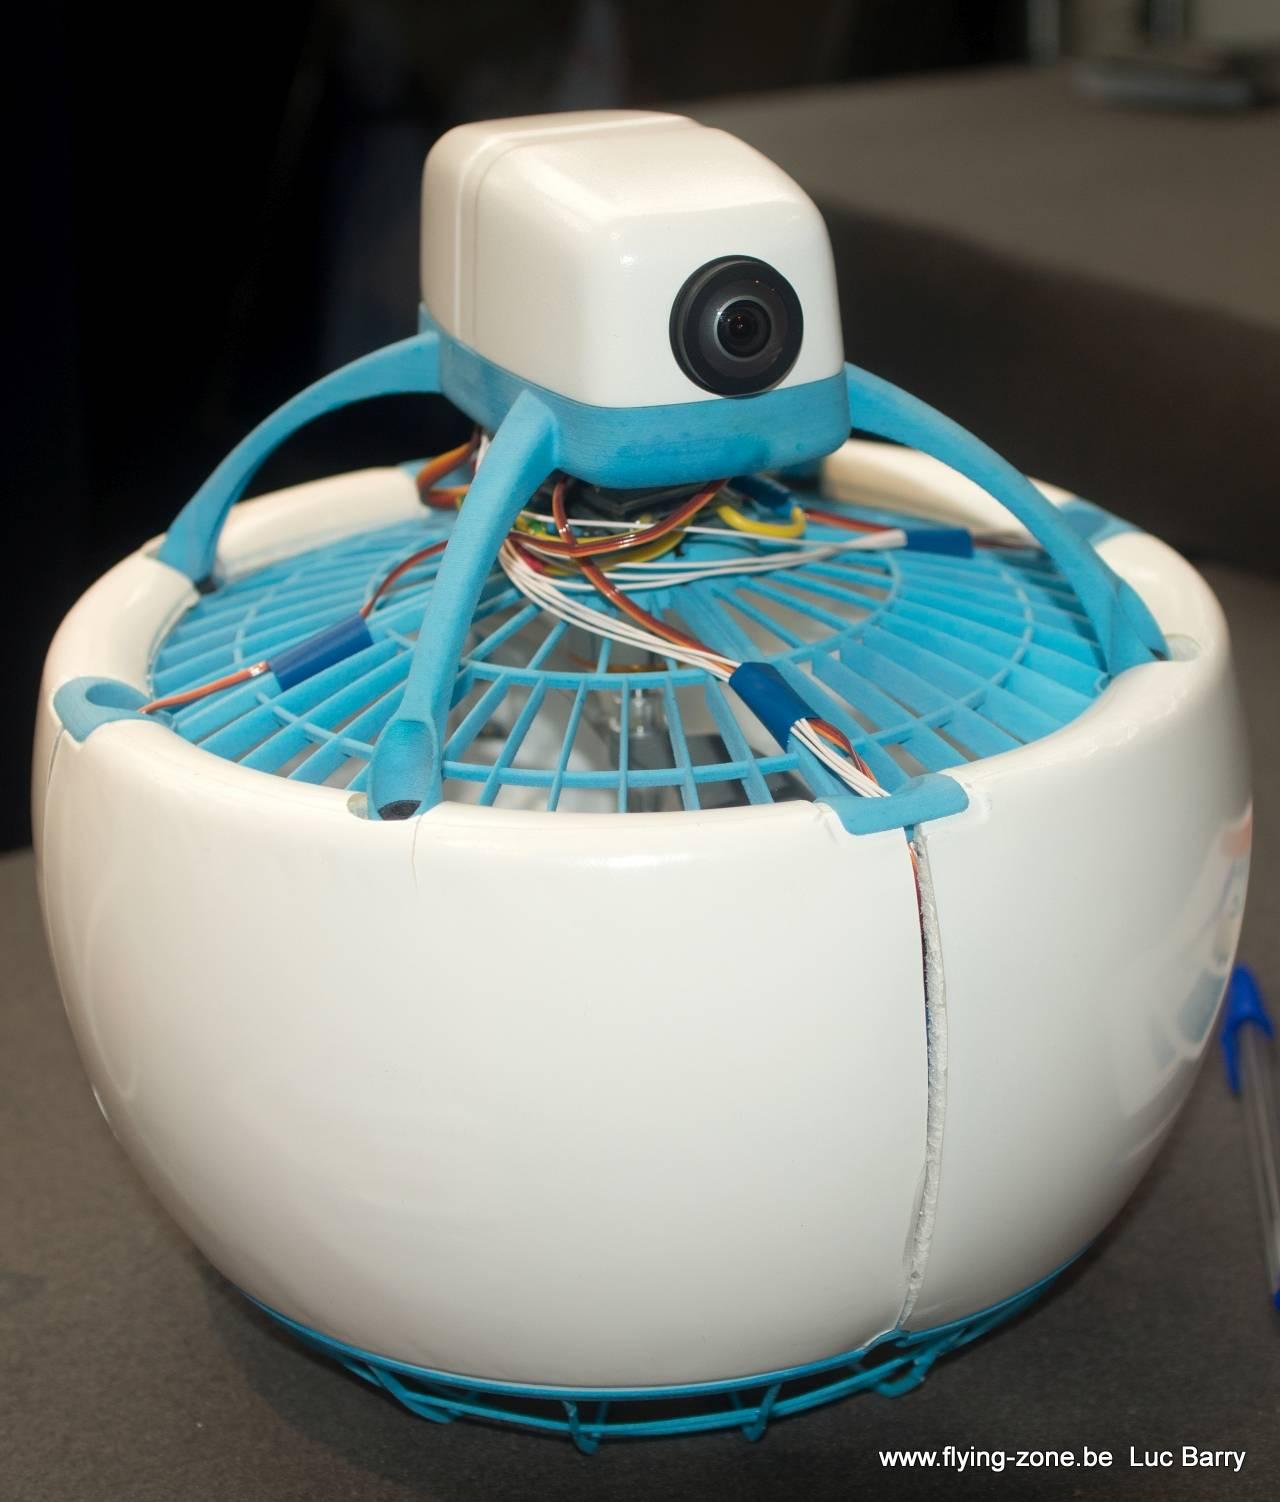 avis un drone